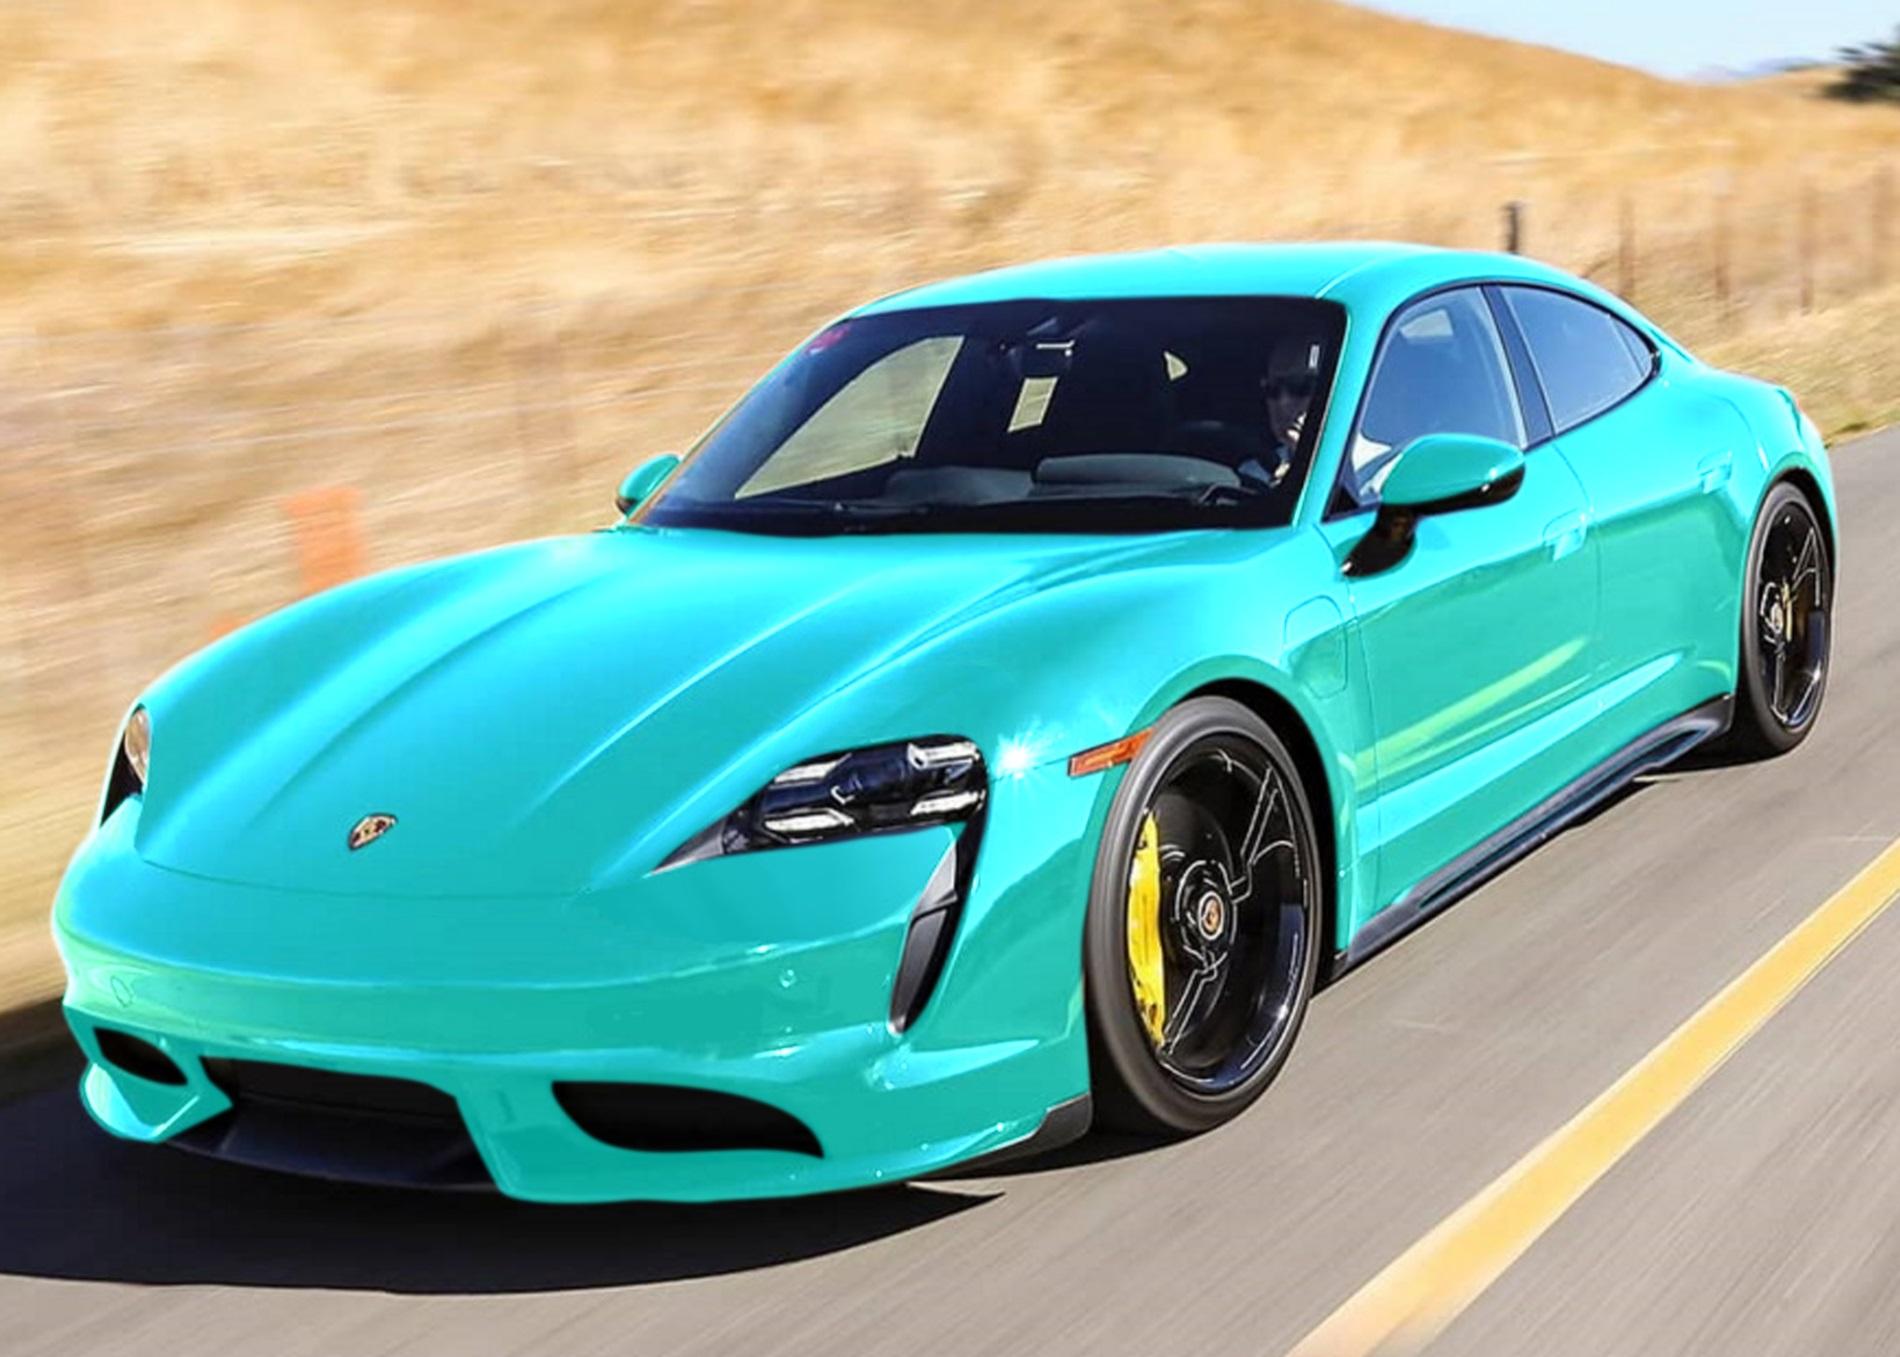 Porsche-Taycan-renderings-12